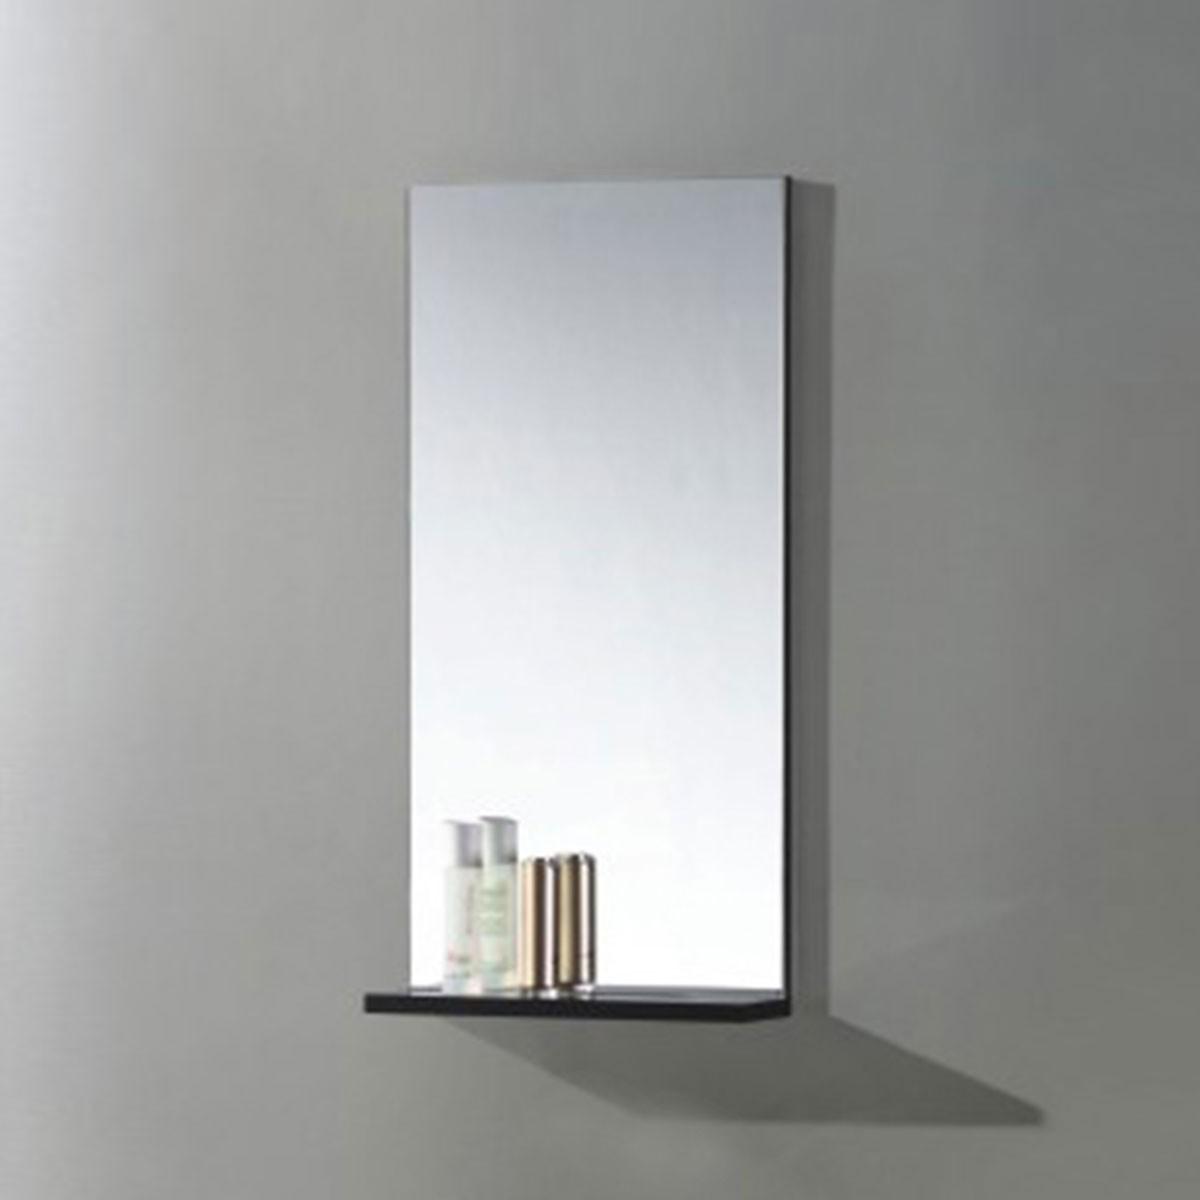 16 x 32 po Miroir pour vanité salle de bain avec étagère (MS400B-M)